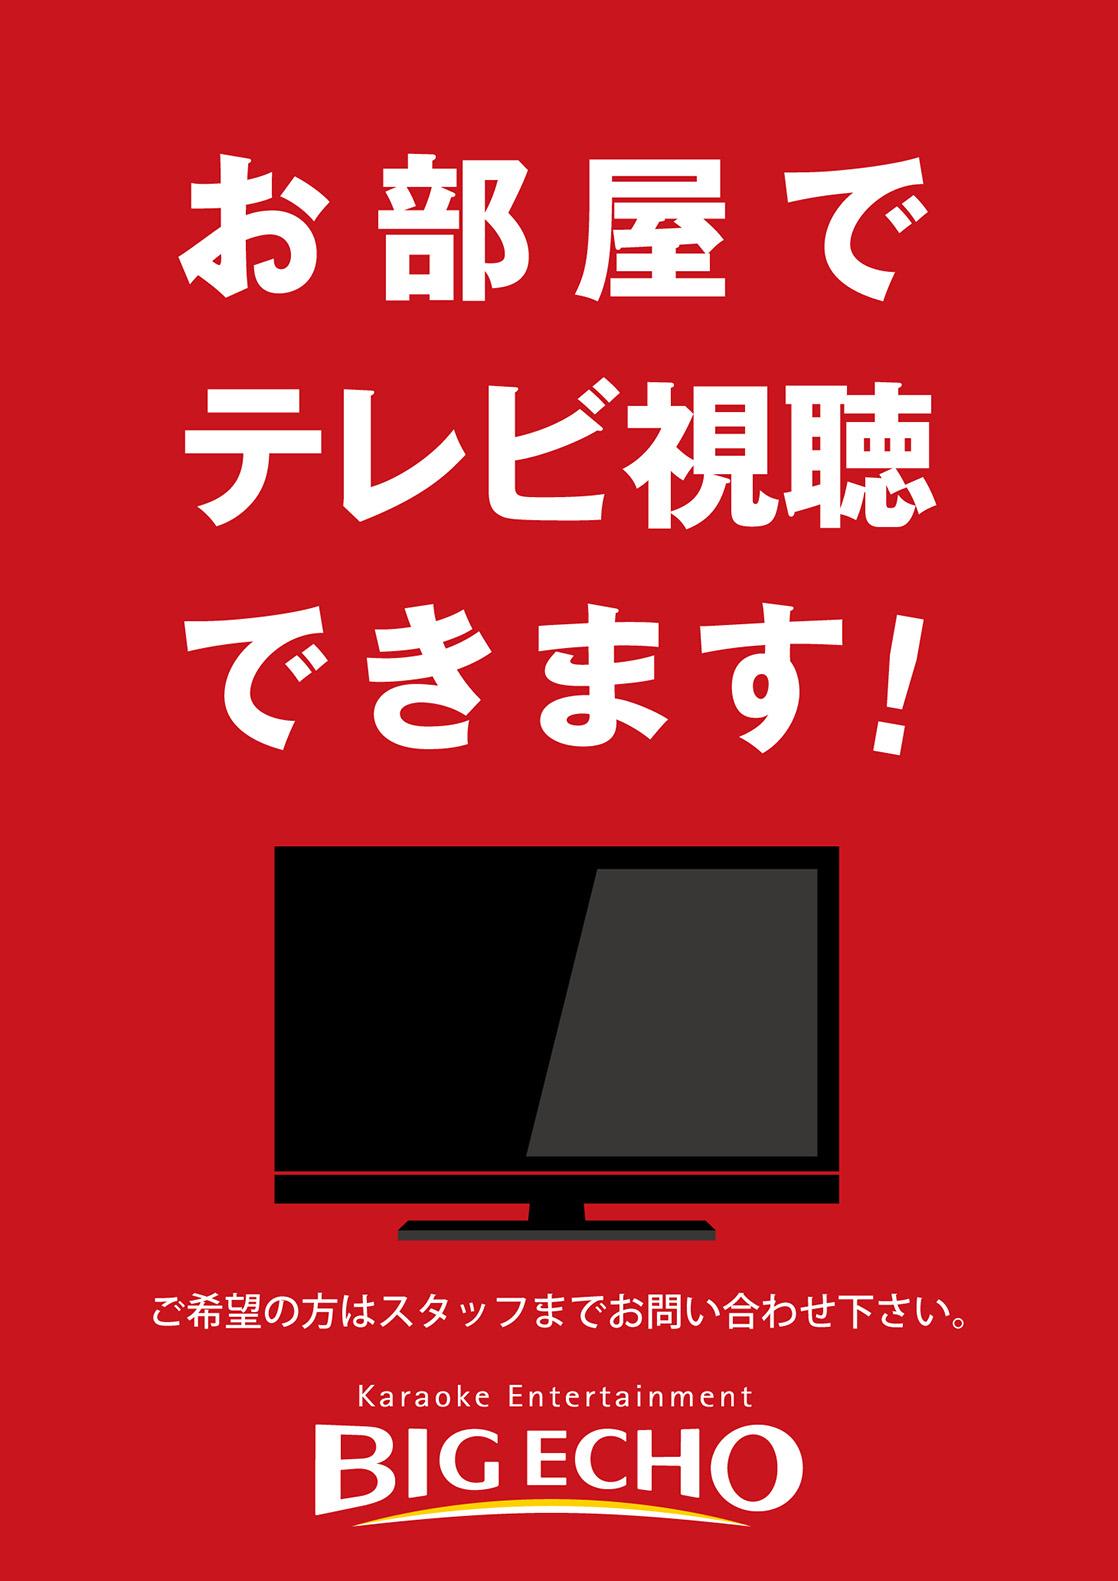 カラオケ ビッグエコーはお部屋でテレビ視聴できます!